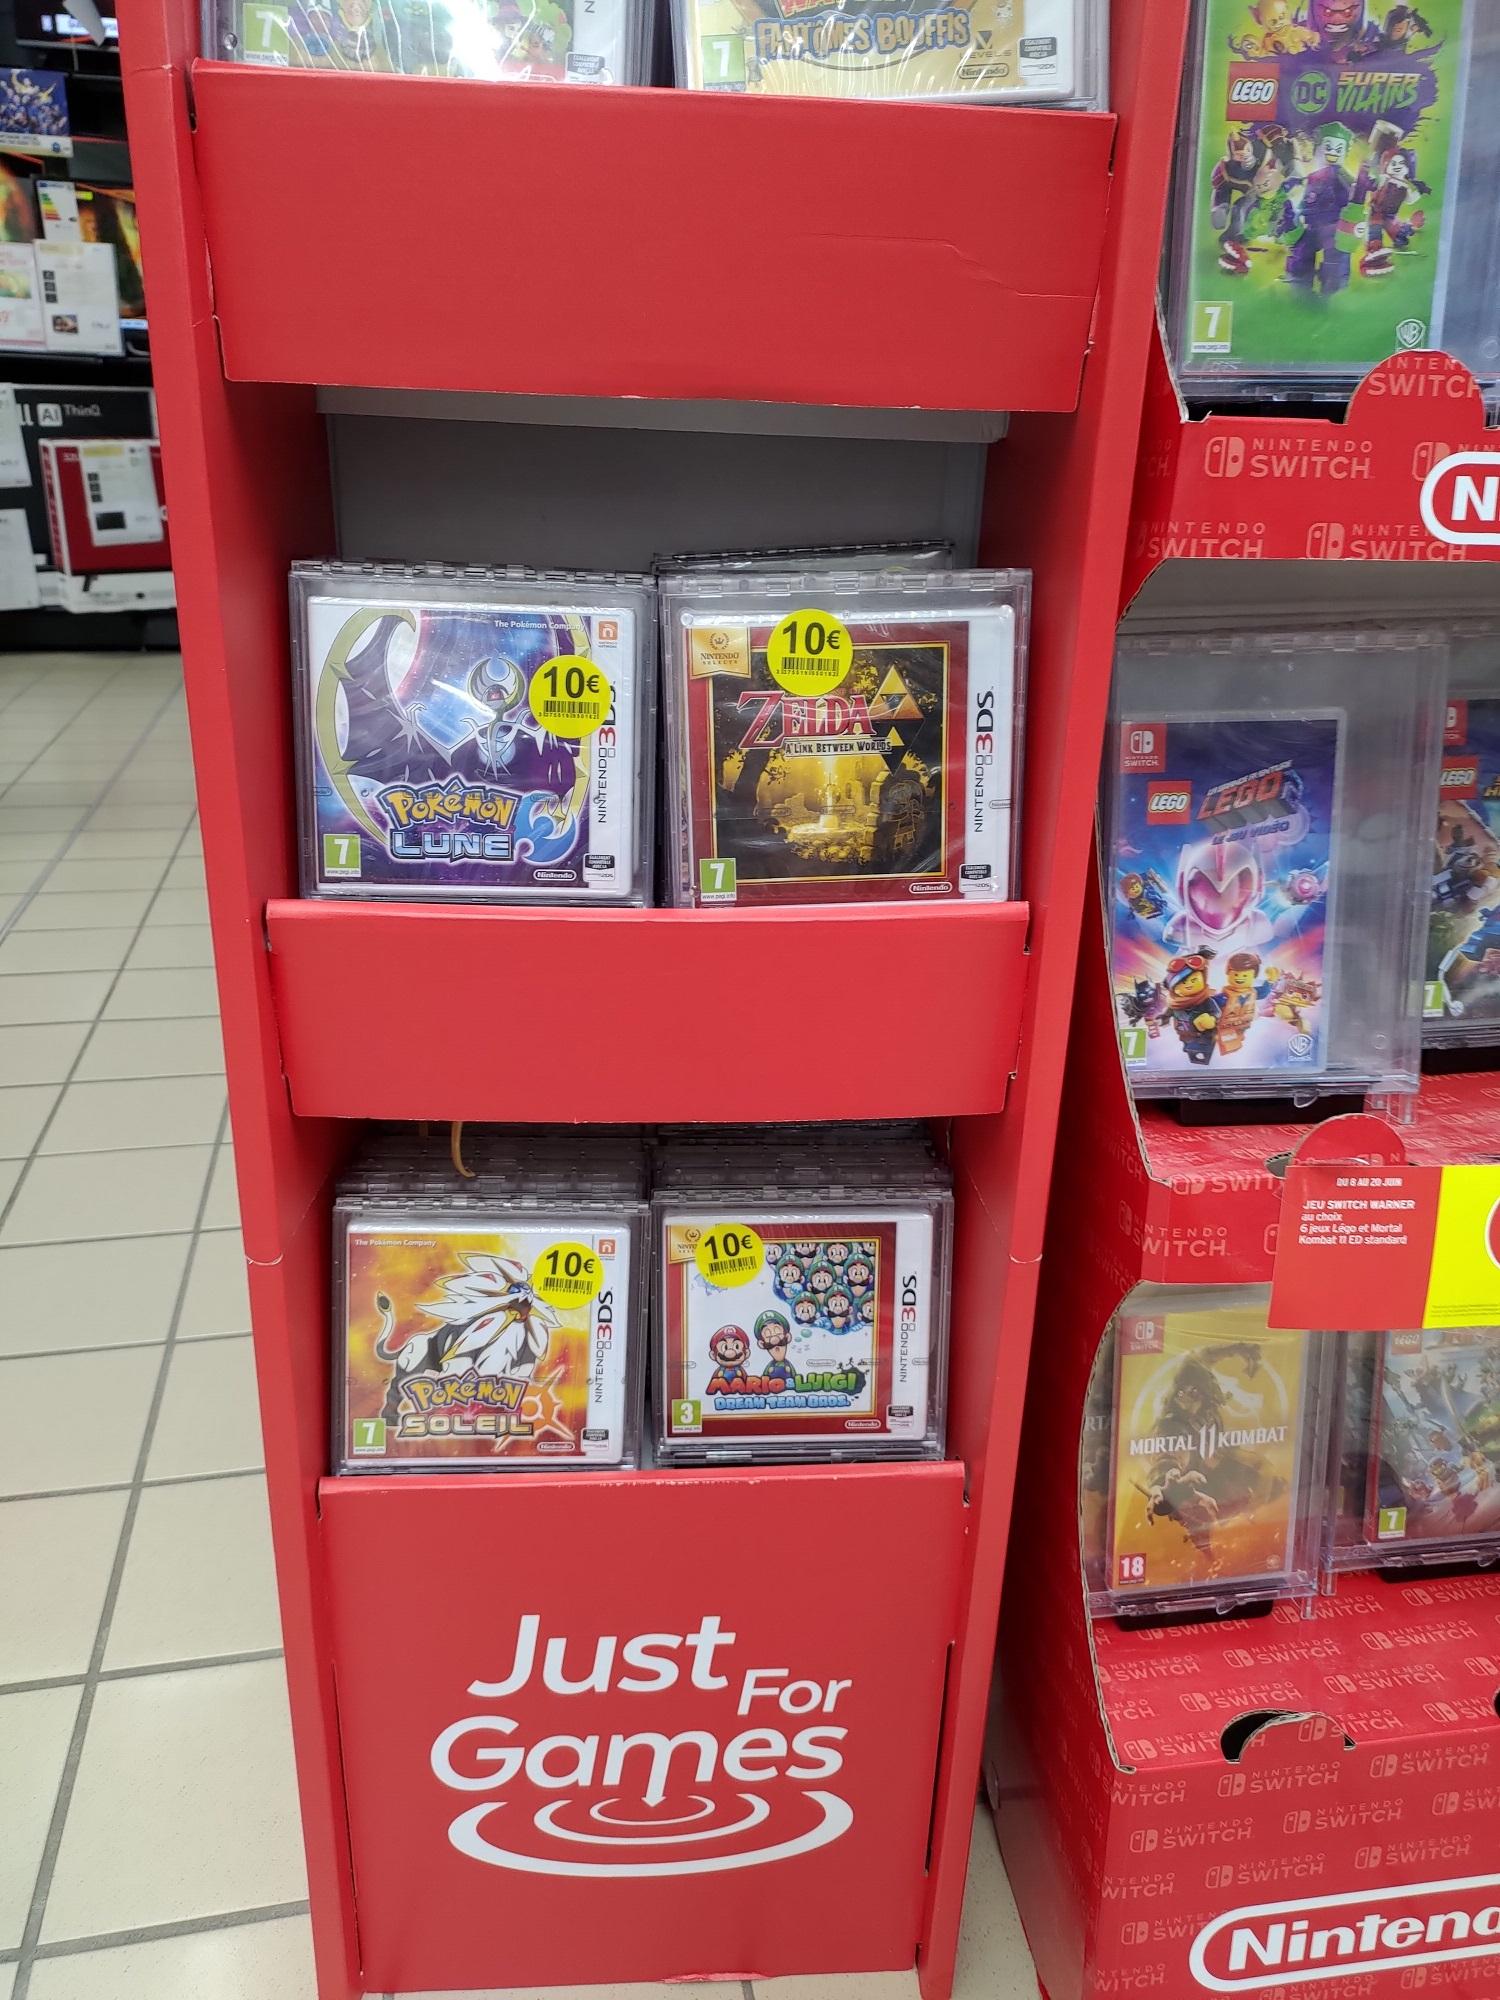 Sélection de jeux Nintendo 3DS en promotion - Ex : Zelda a Link Between Worlds ou Pokémon Soleil - Maîche (25)